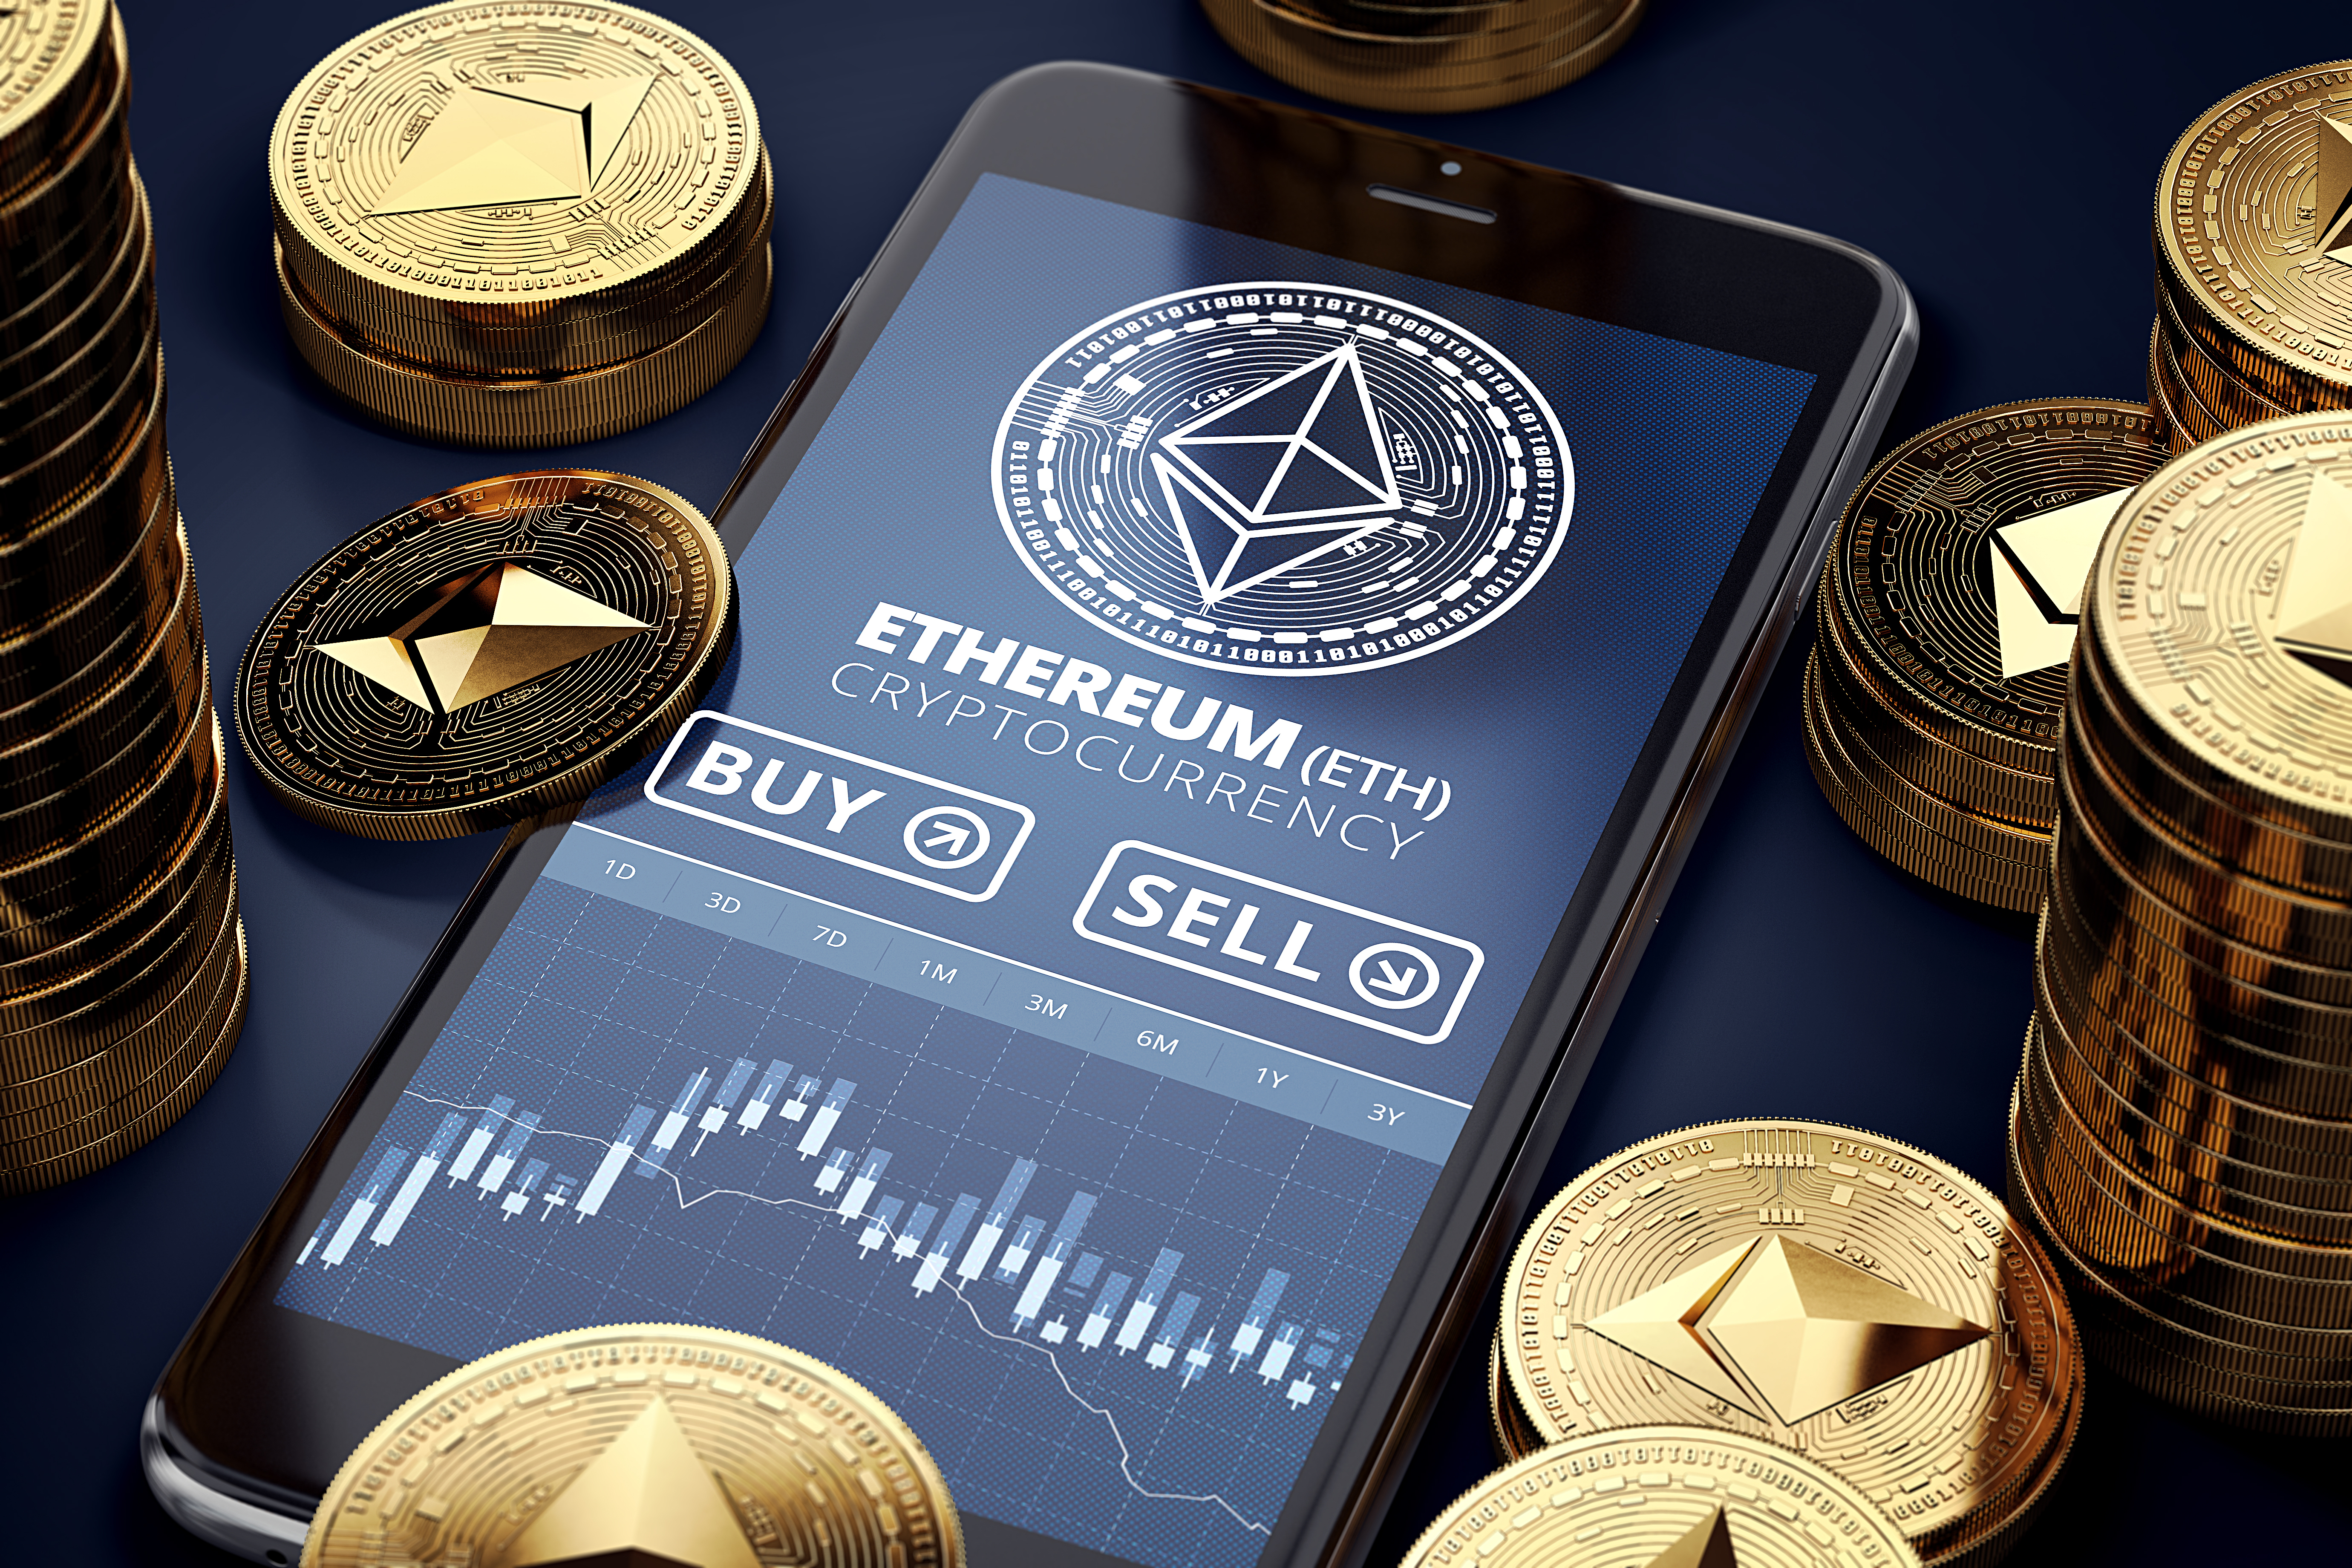 Ethereum price history